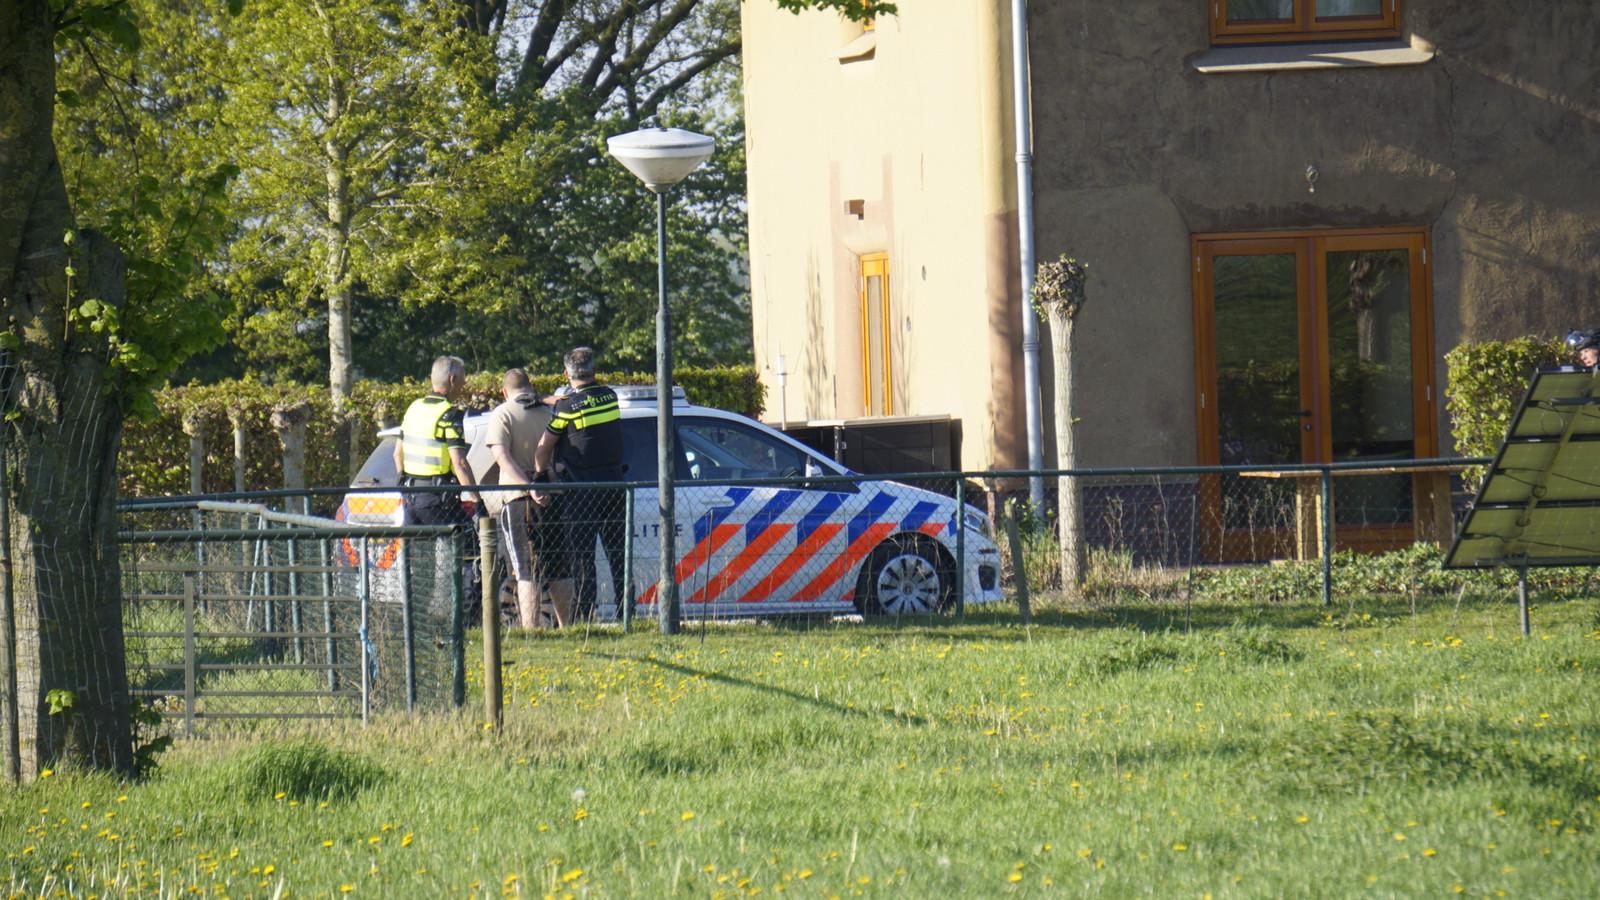 Dankzij oplettende omstanders is de verdachte van de overval op de Spar in Haps binnen een uur aangehouden in een woning elders in het dorp.